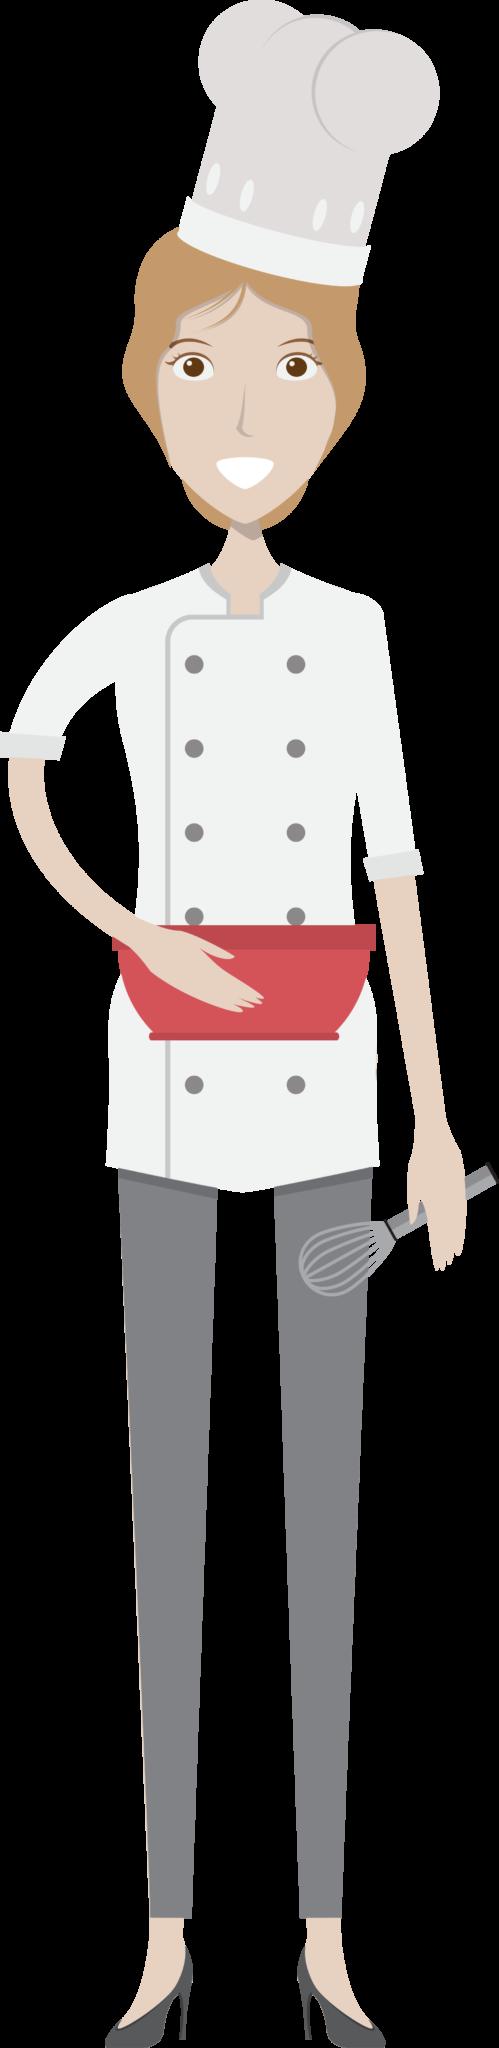 Female Baker Character